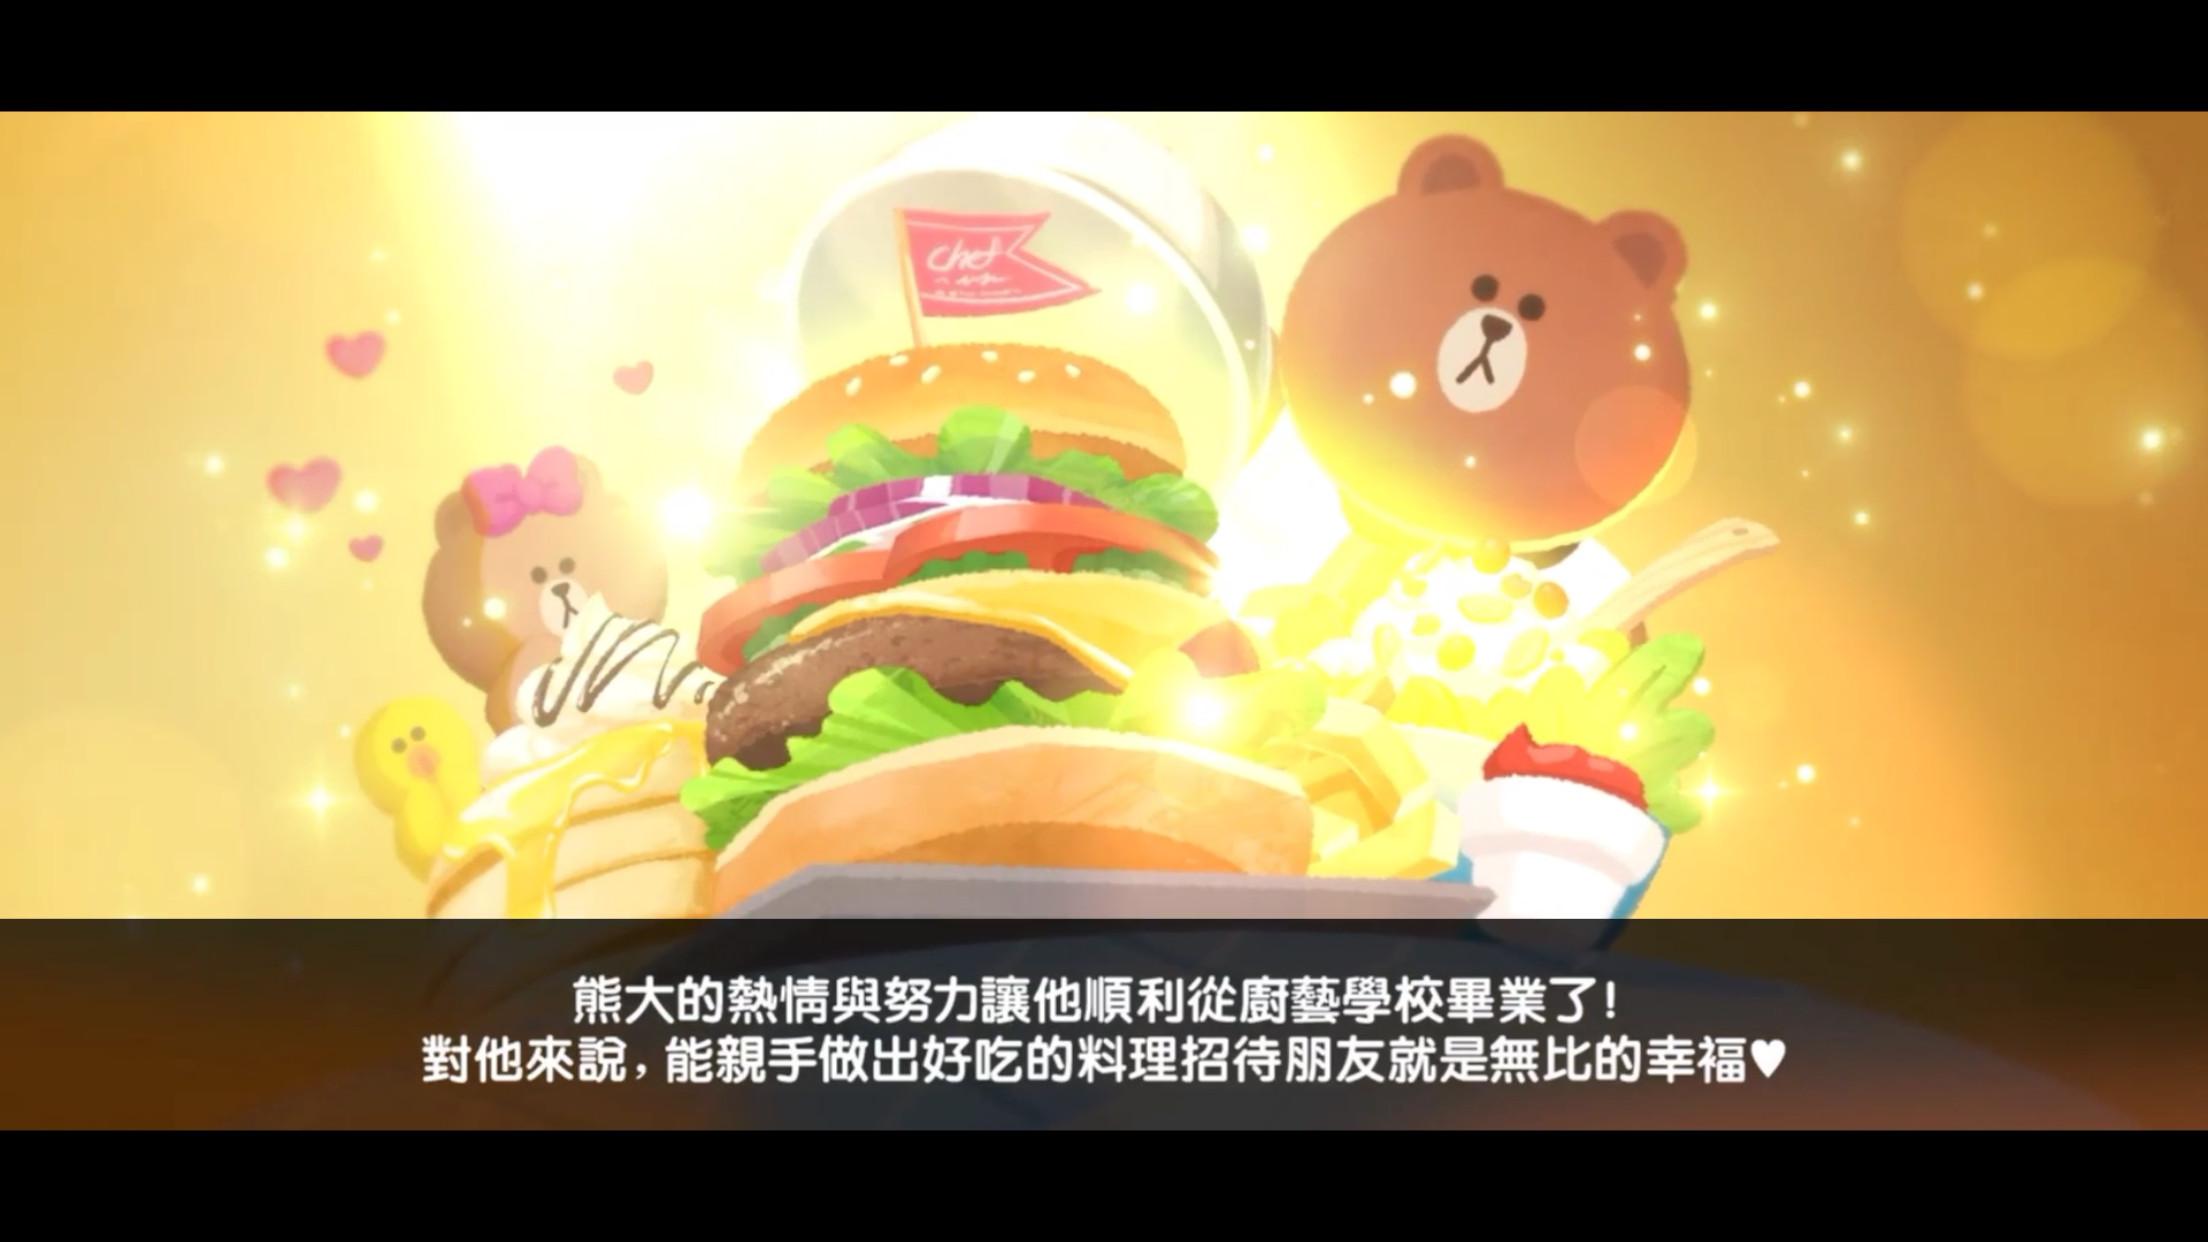 (圖/翻攝自熊大上菜遊戲畫面)